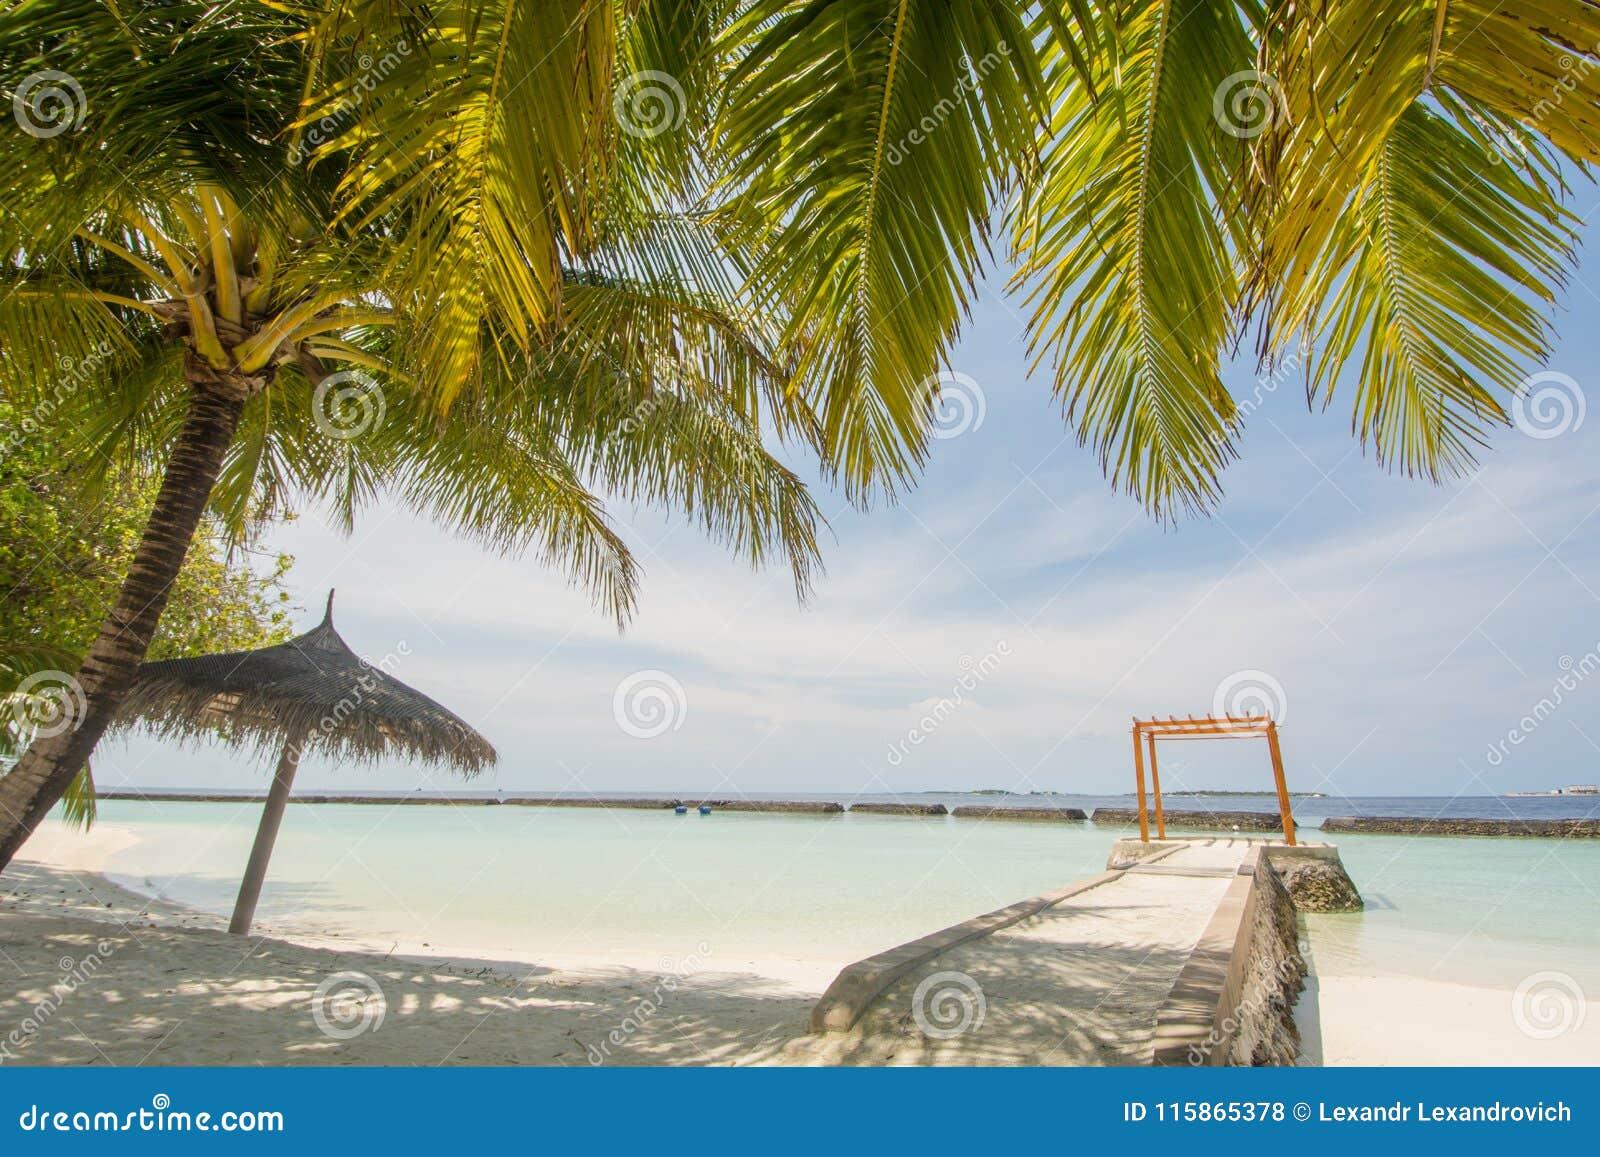 与海洋,蓝天,海岛的小屋的美好的惊人的热带夏天海滩风景视图手段的